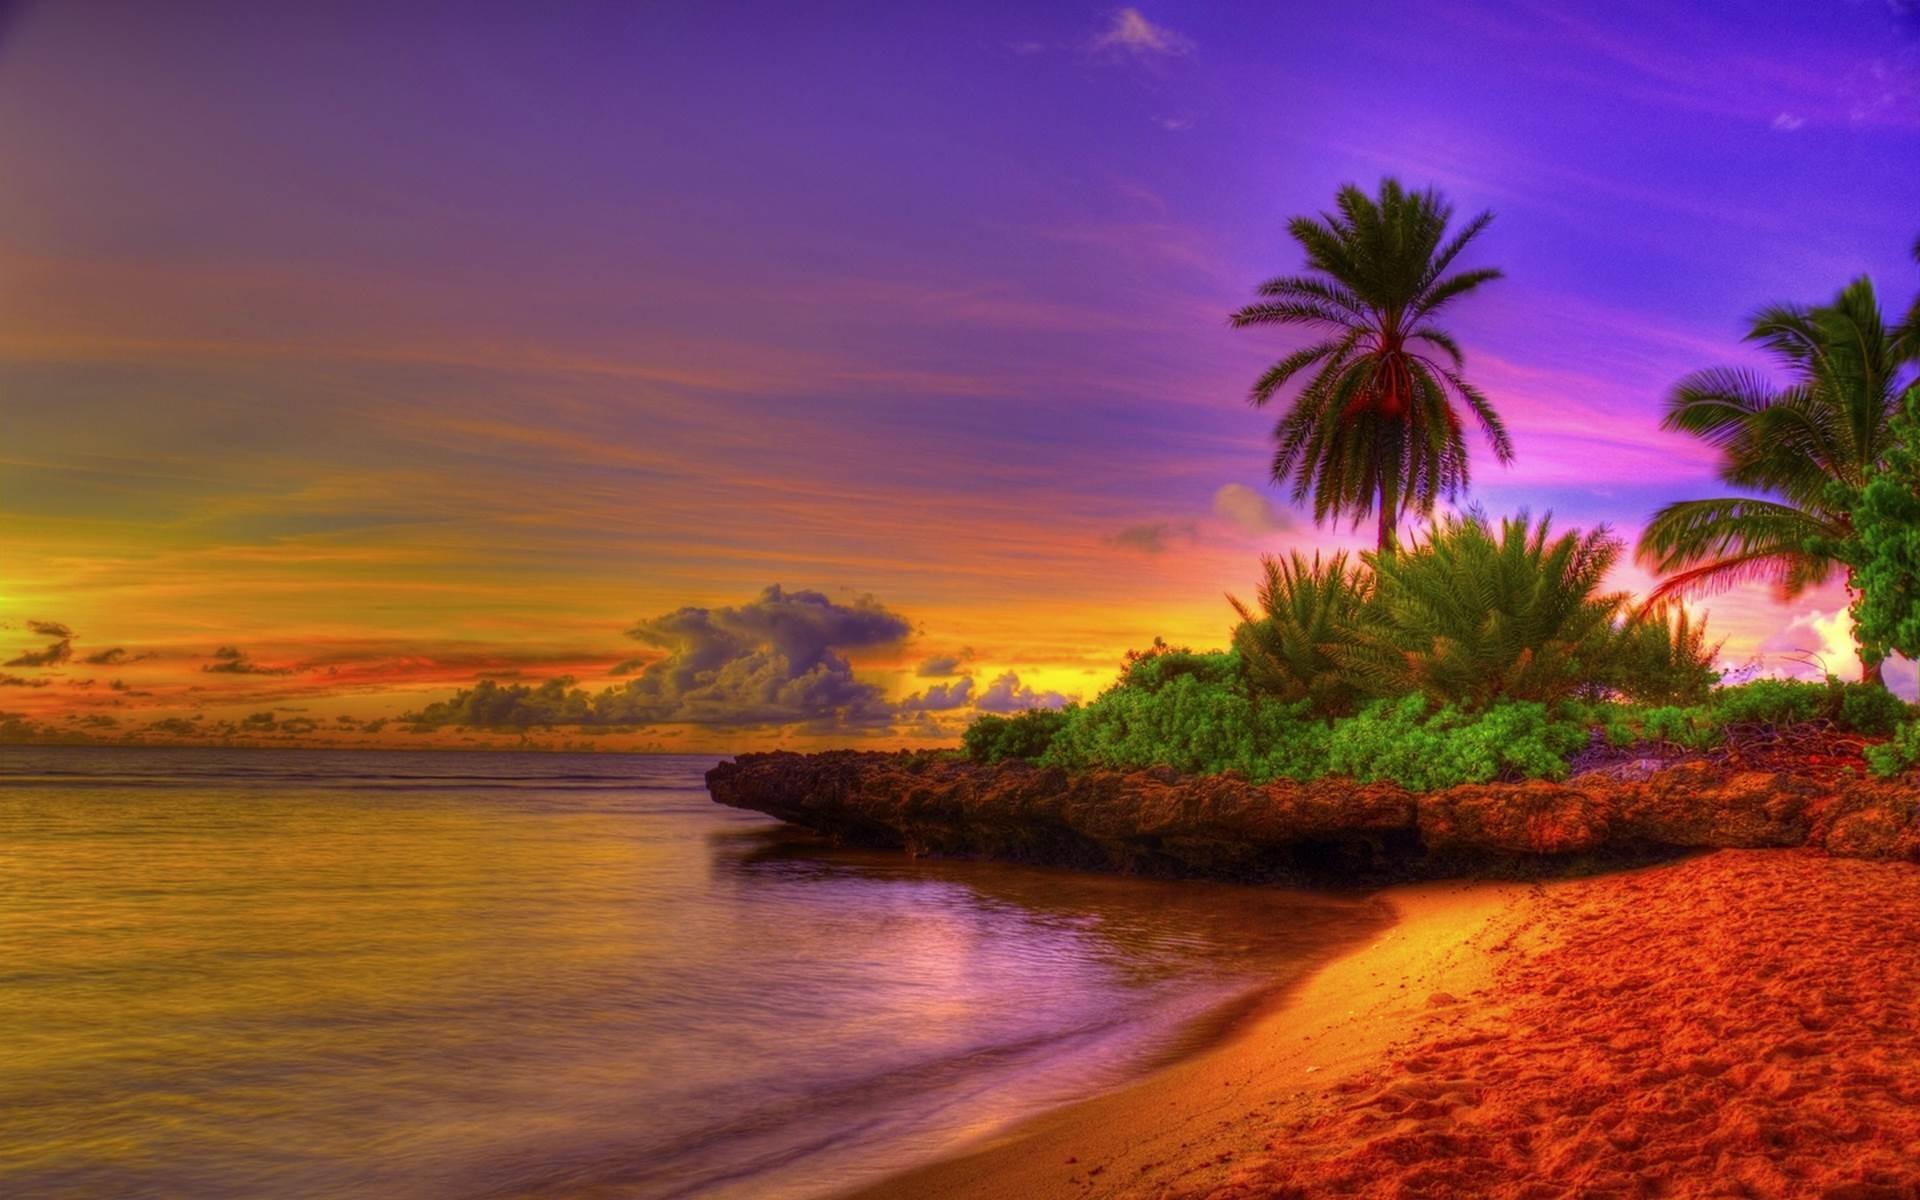 Tropical Beach HD Wallpaper –